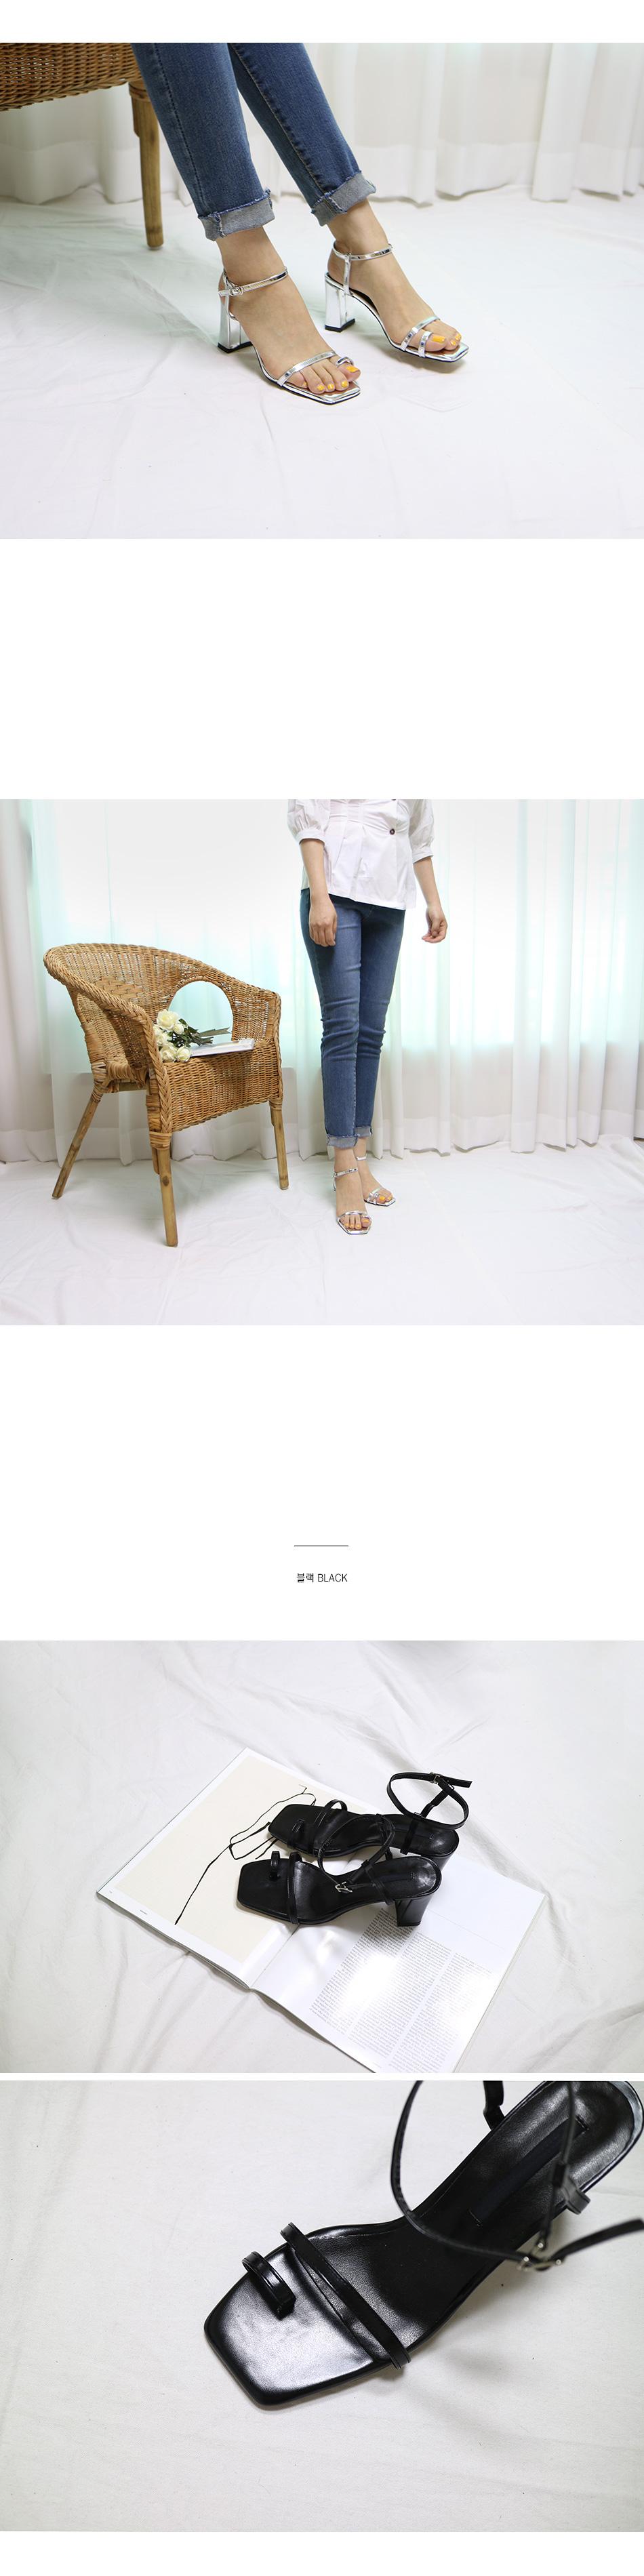 페콤 스트랩 쪼리 샌들힐 착용컷